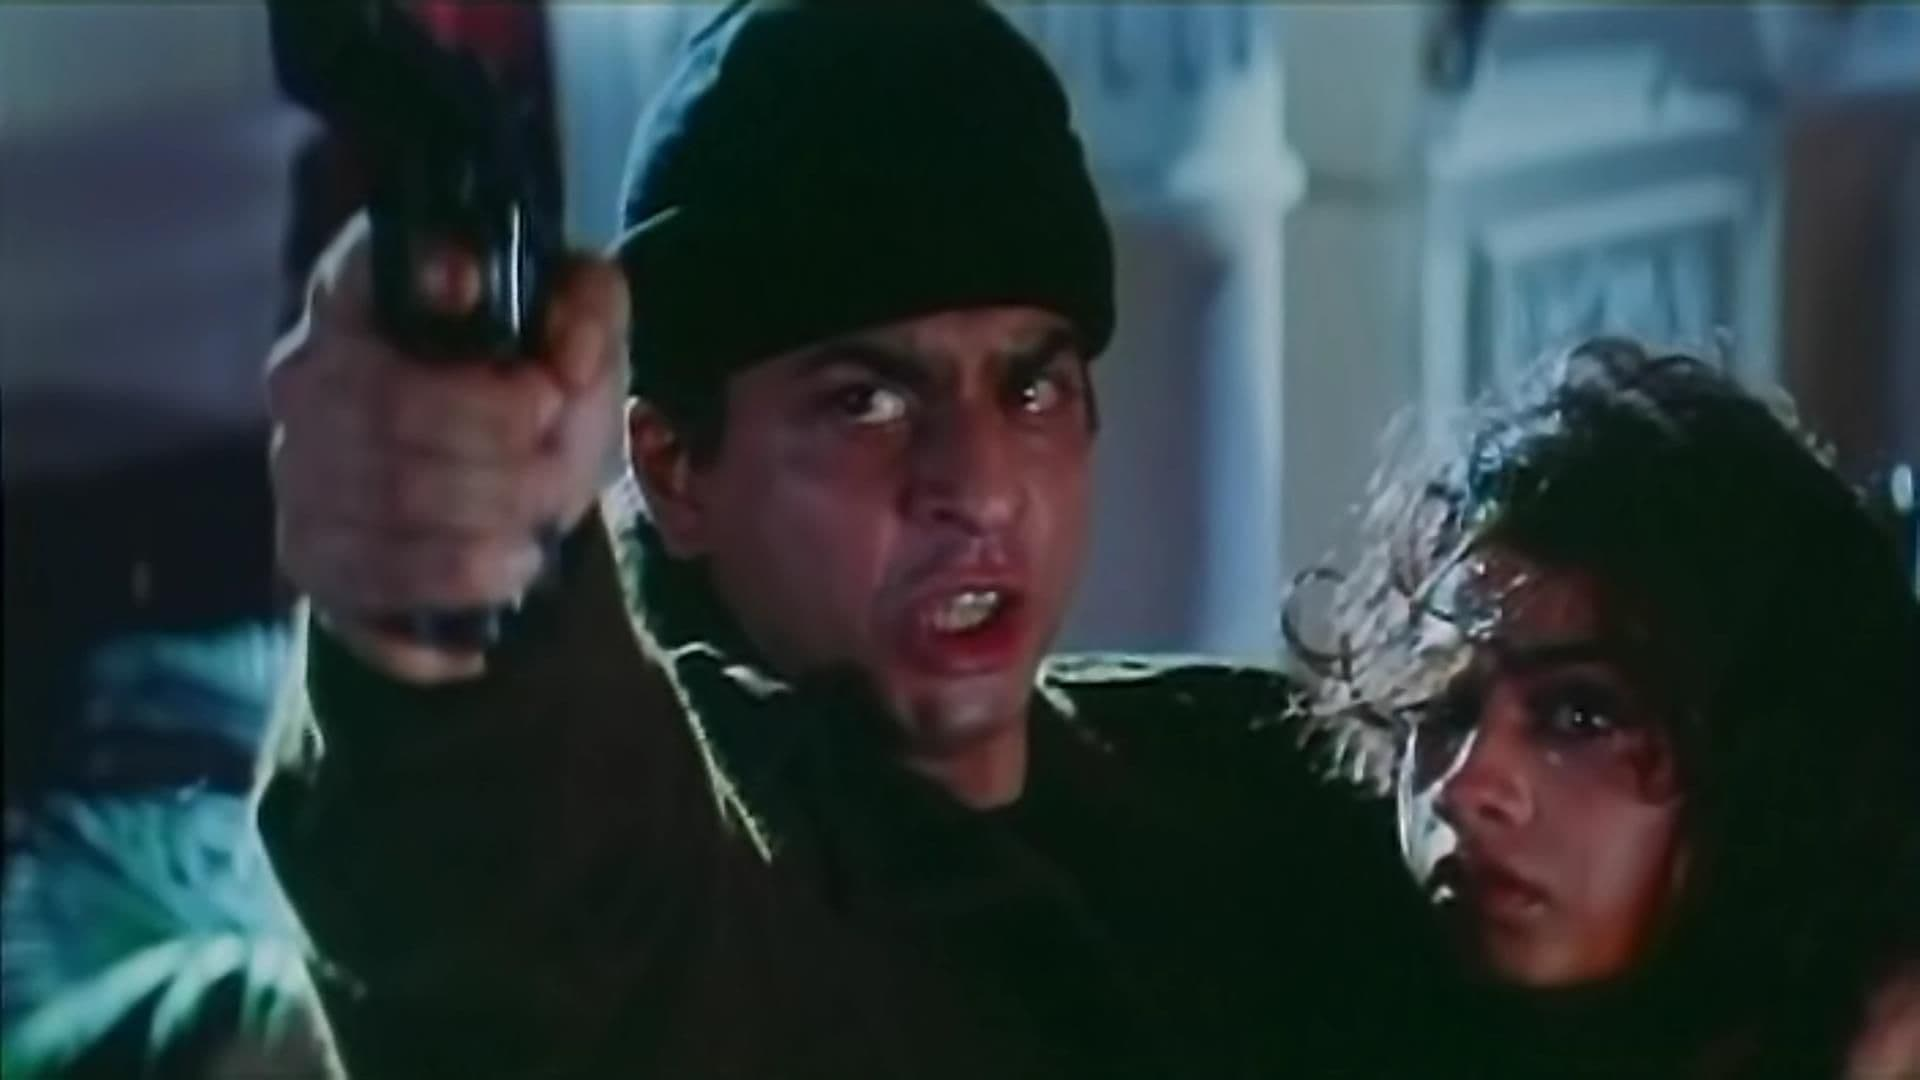 Army (1996)